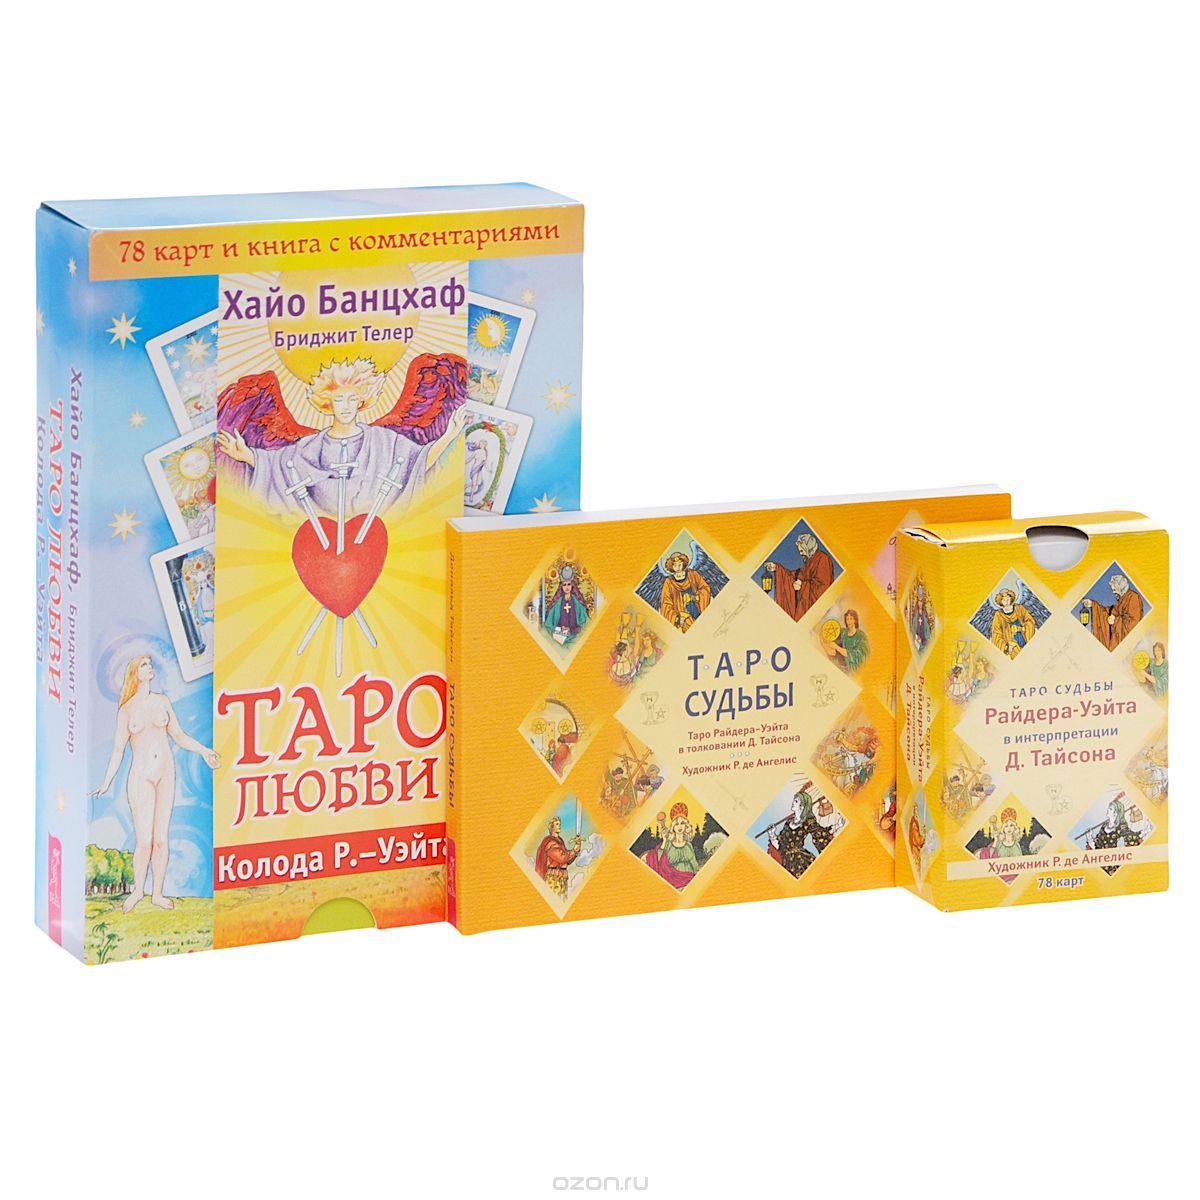 Алена Солодилова (Преображенская): Таро любви (книга + набор из 78 карт). Таро судьбы. Таро судьбы (набор из 78 карт) (комплект)